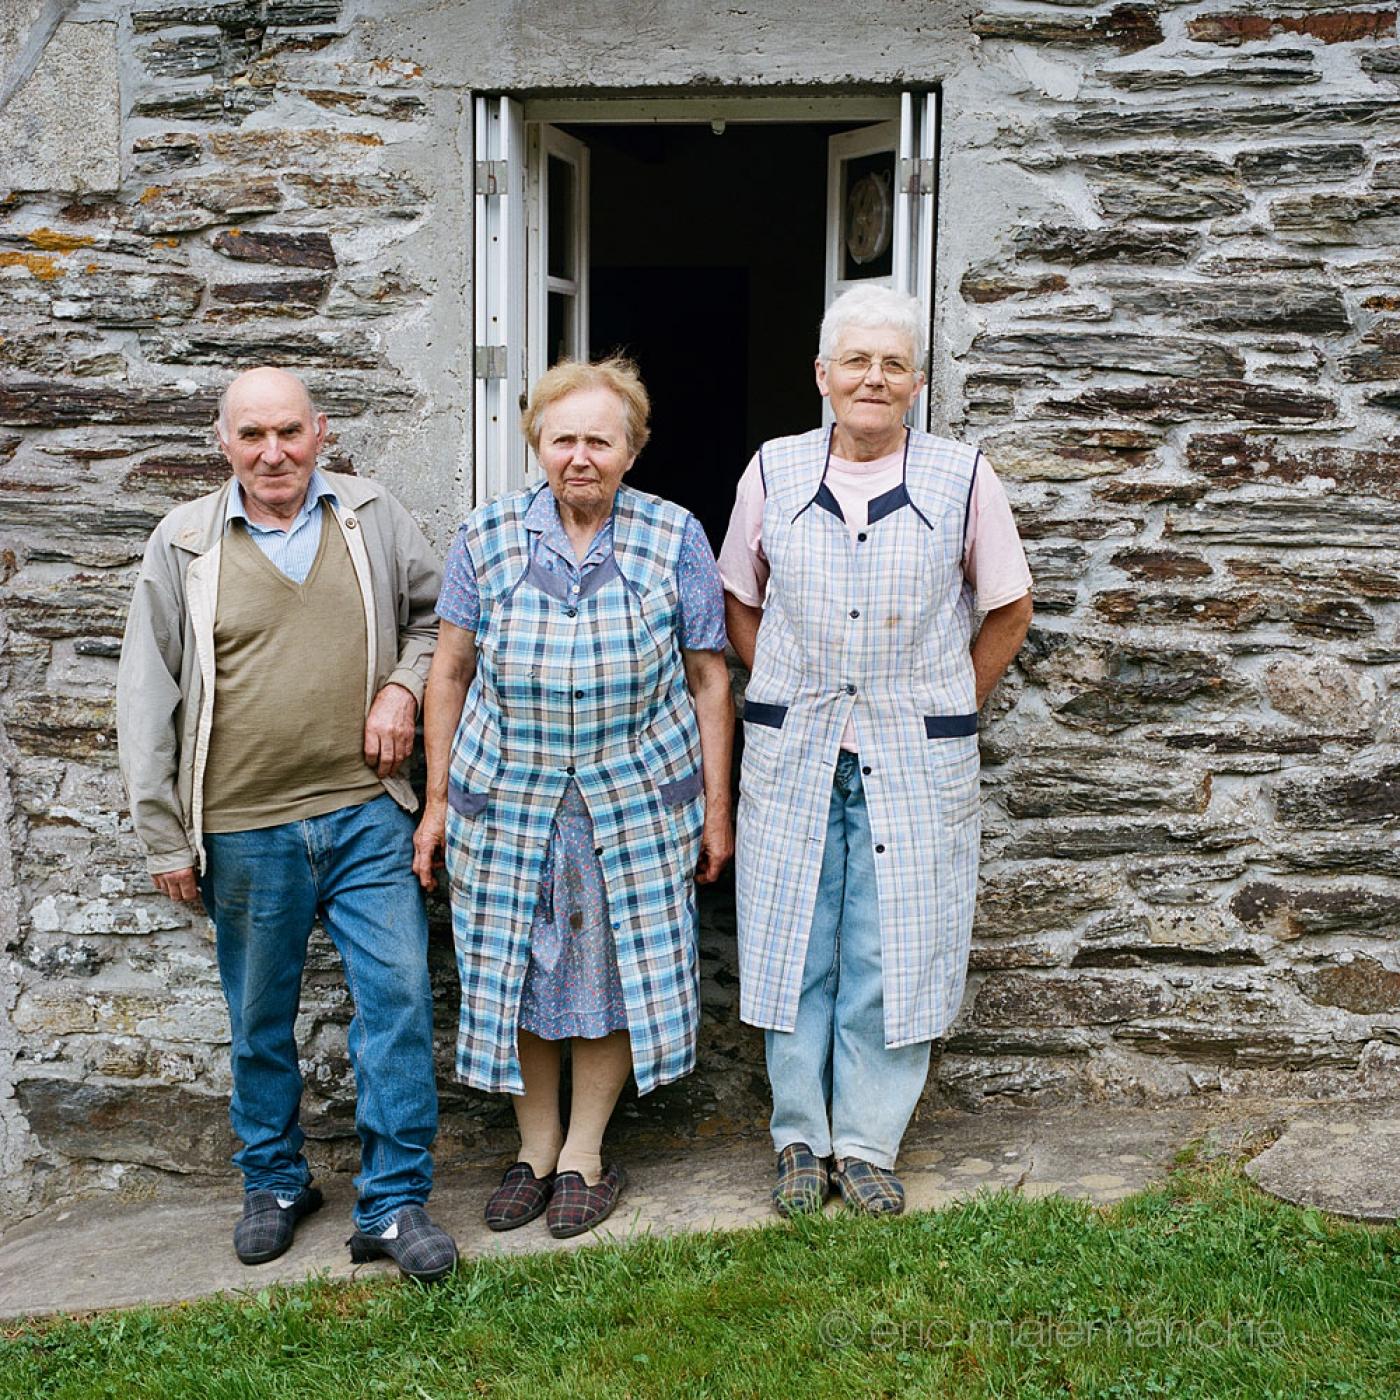 http://www.ericmalemanche.com/imagess/topics/les-bretons-de-l-argoat/liste/Bretons-Malemanche-005.jpg